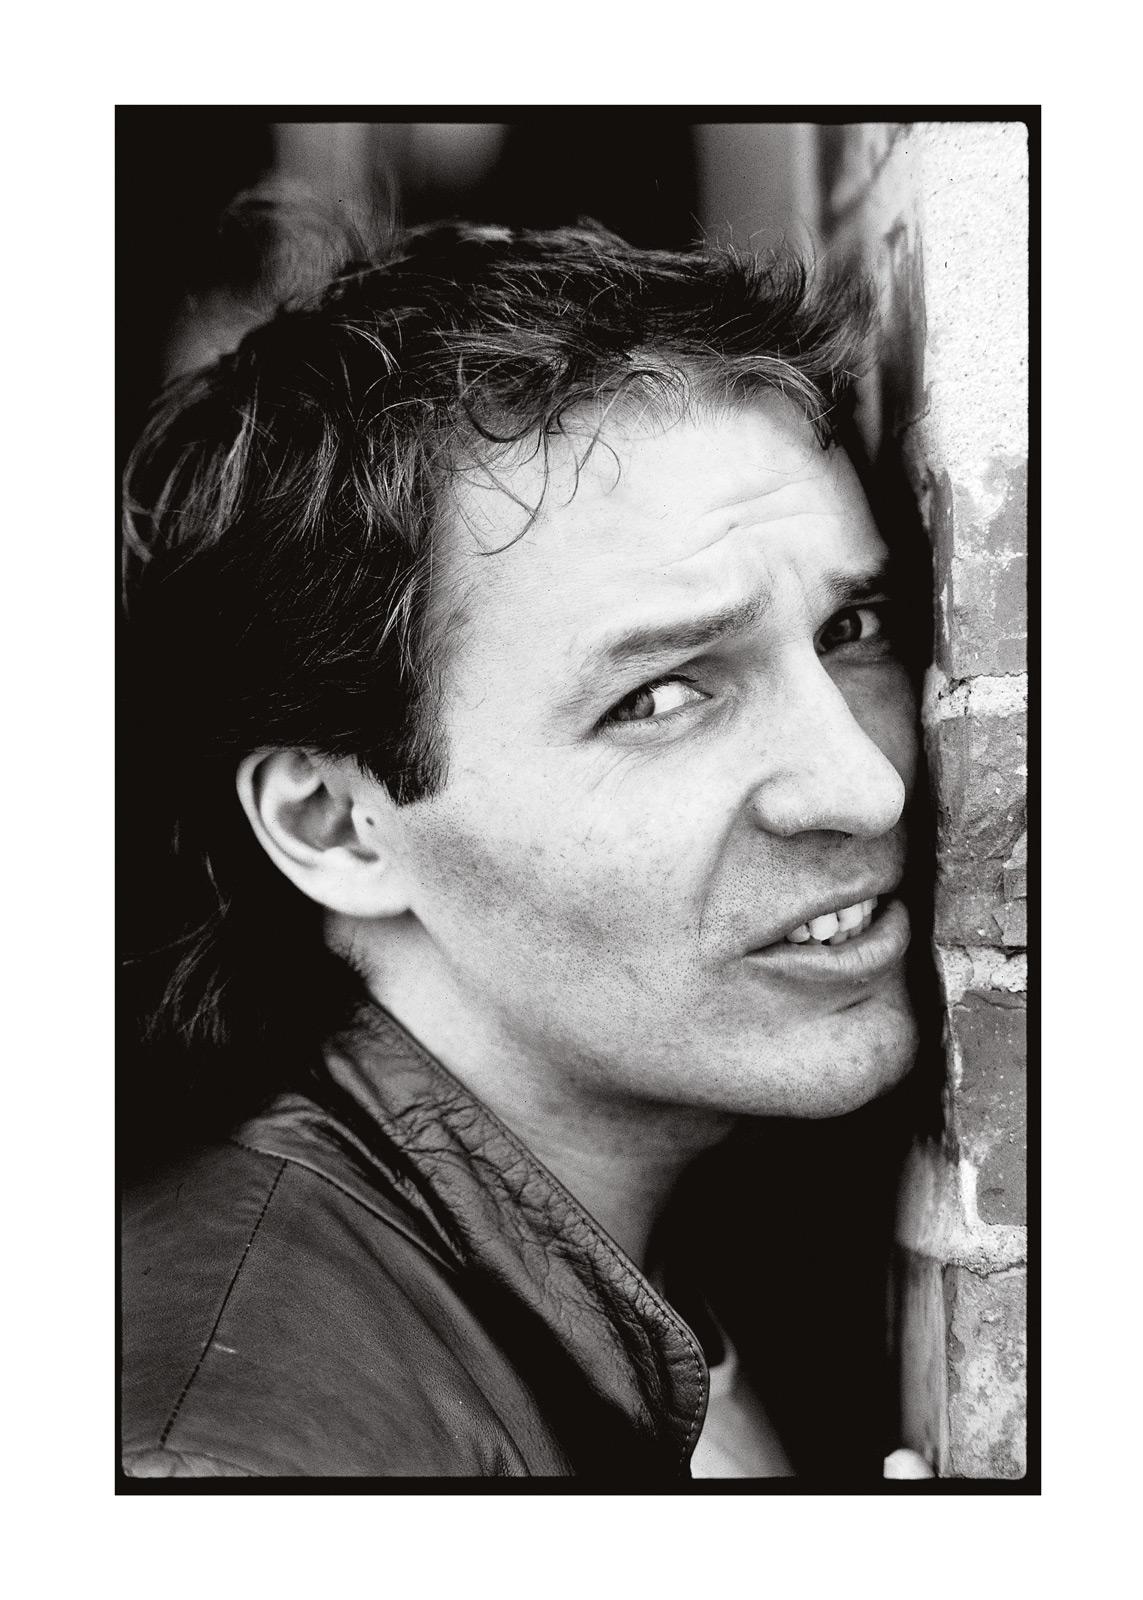 1979 (foto Angelo Deligio/Mondadori Portfolio © Mondadori Portfolio)